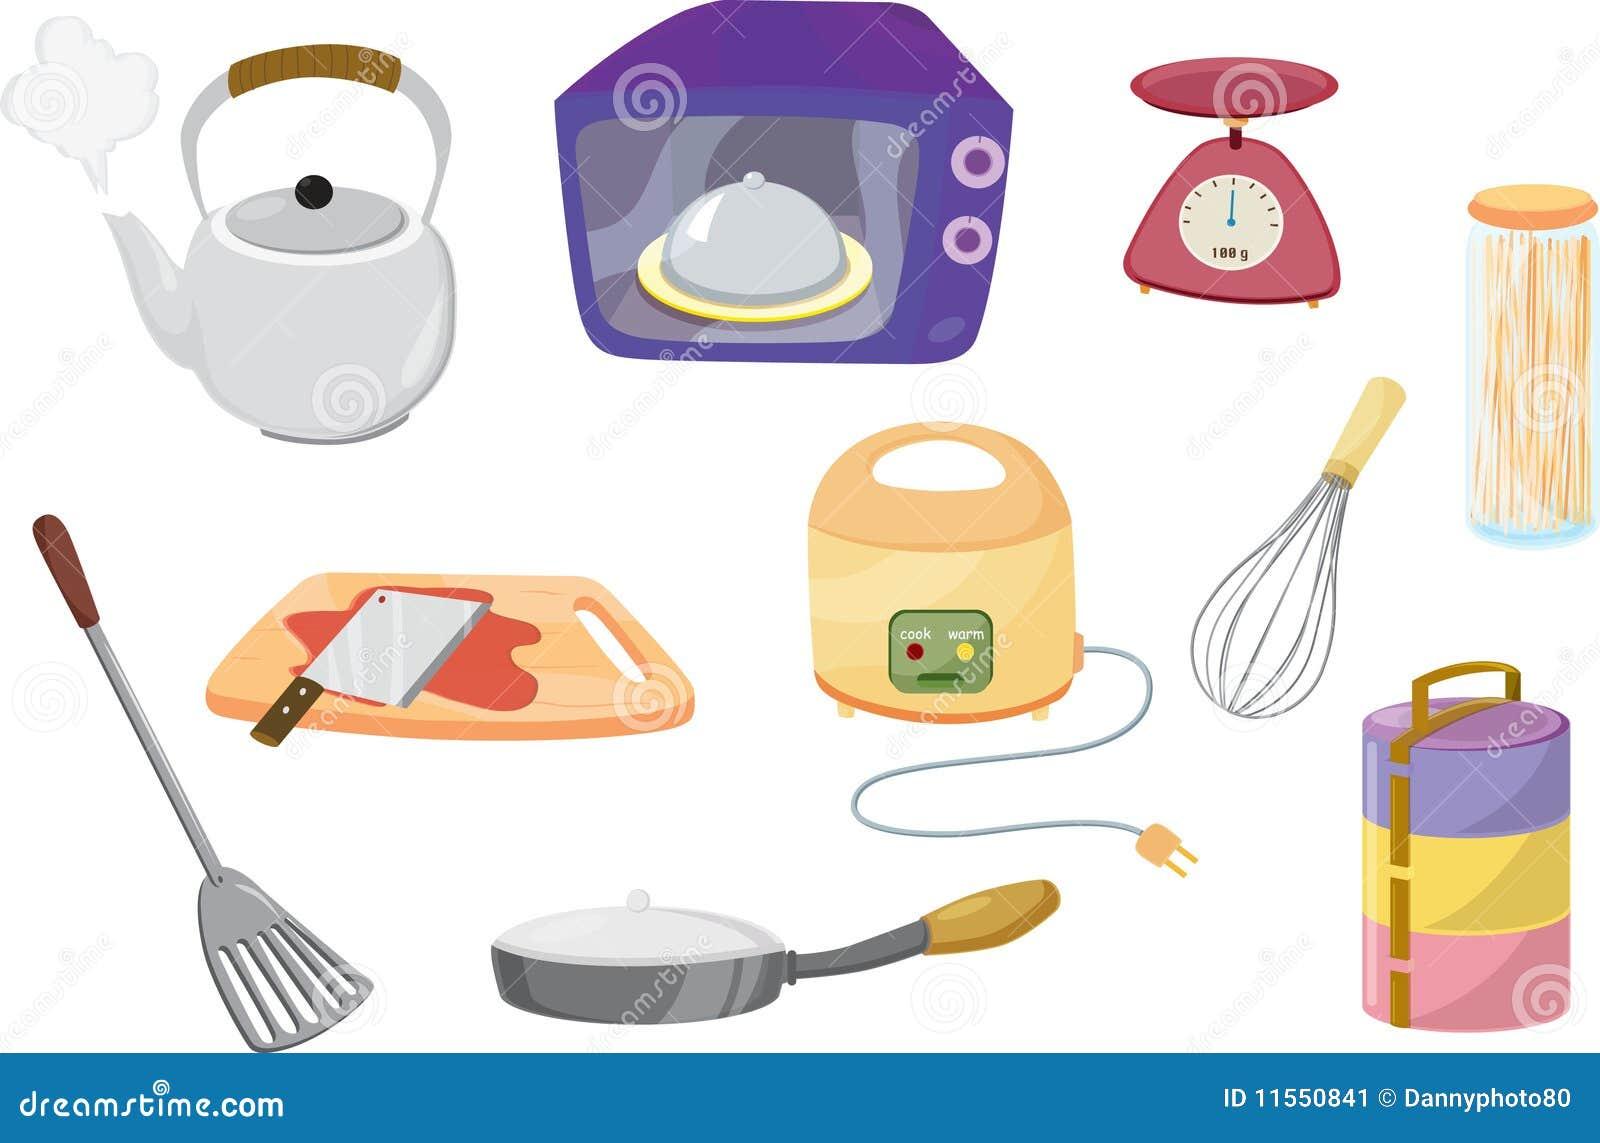 Oggetti illustrazione vettoriale illustrazione di cucina for Oggetti di cucina